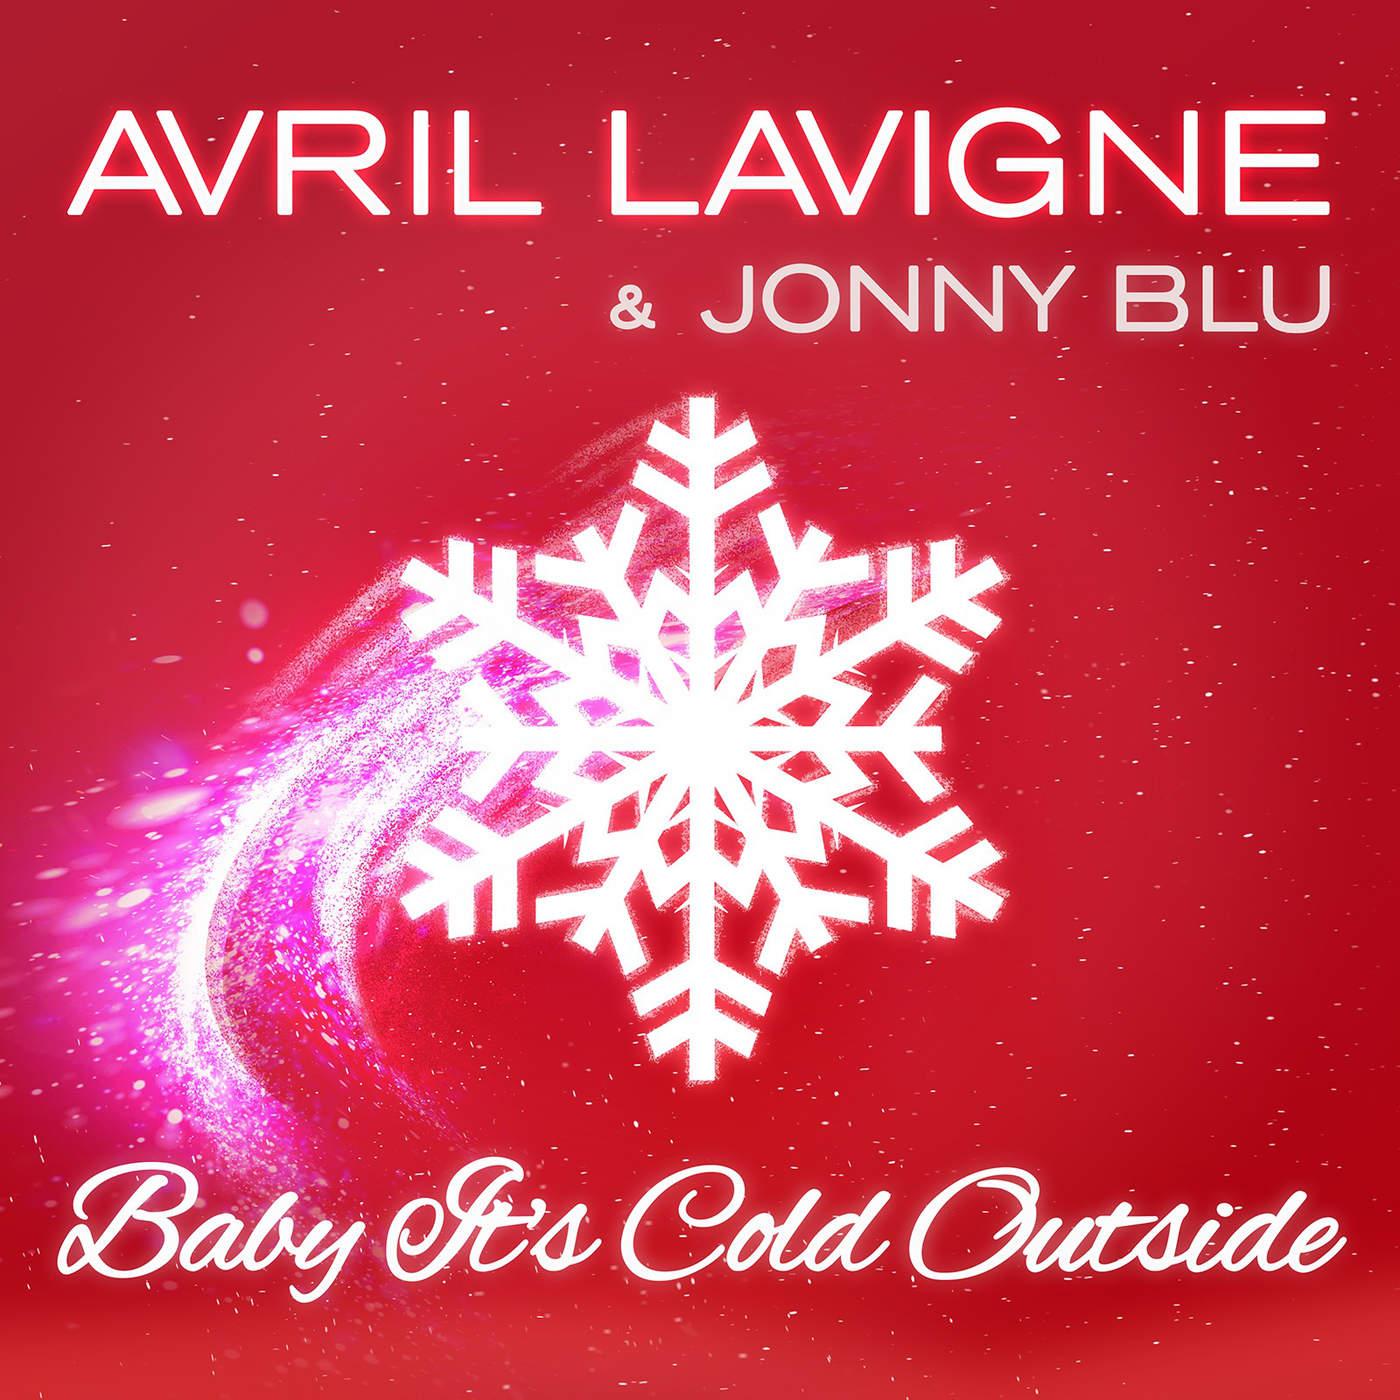 Avril Lavigne & Jonny Blu - Baby It's Cold Outside - Single